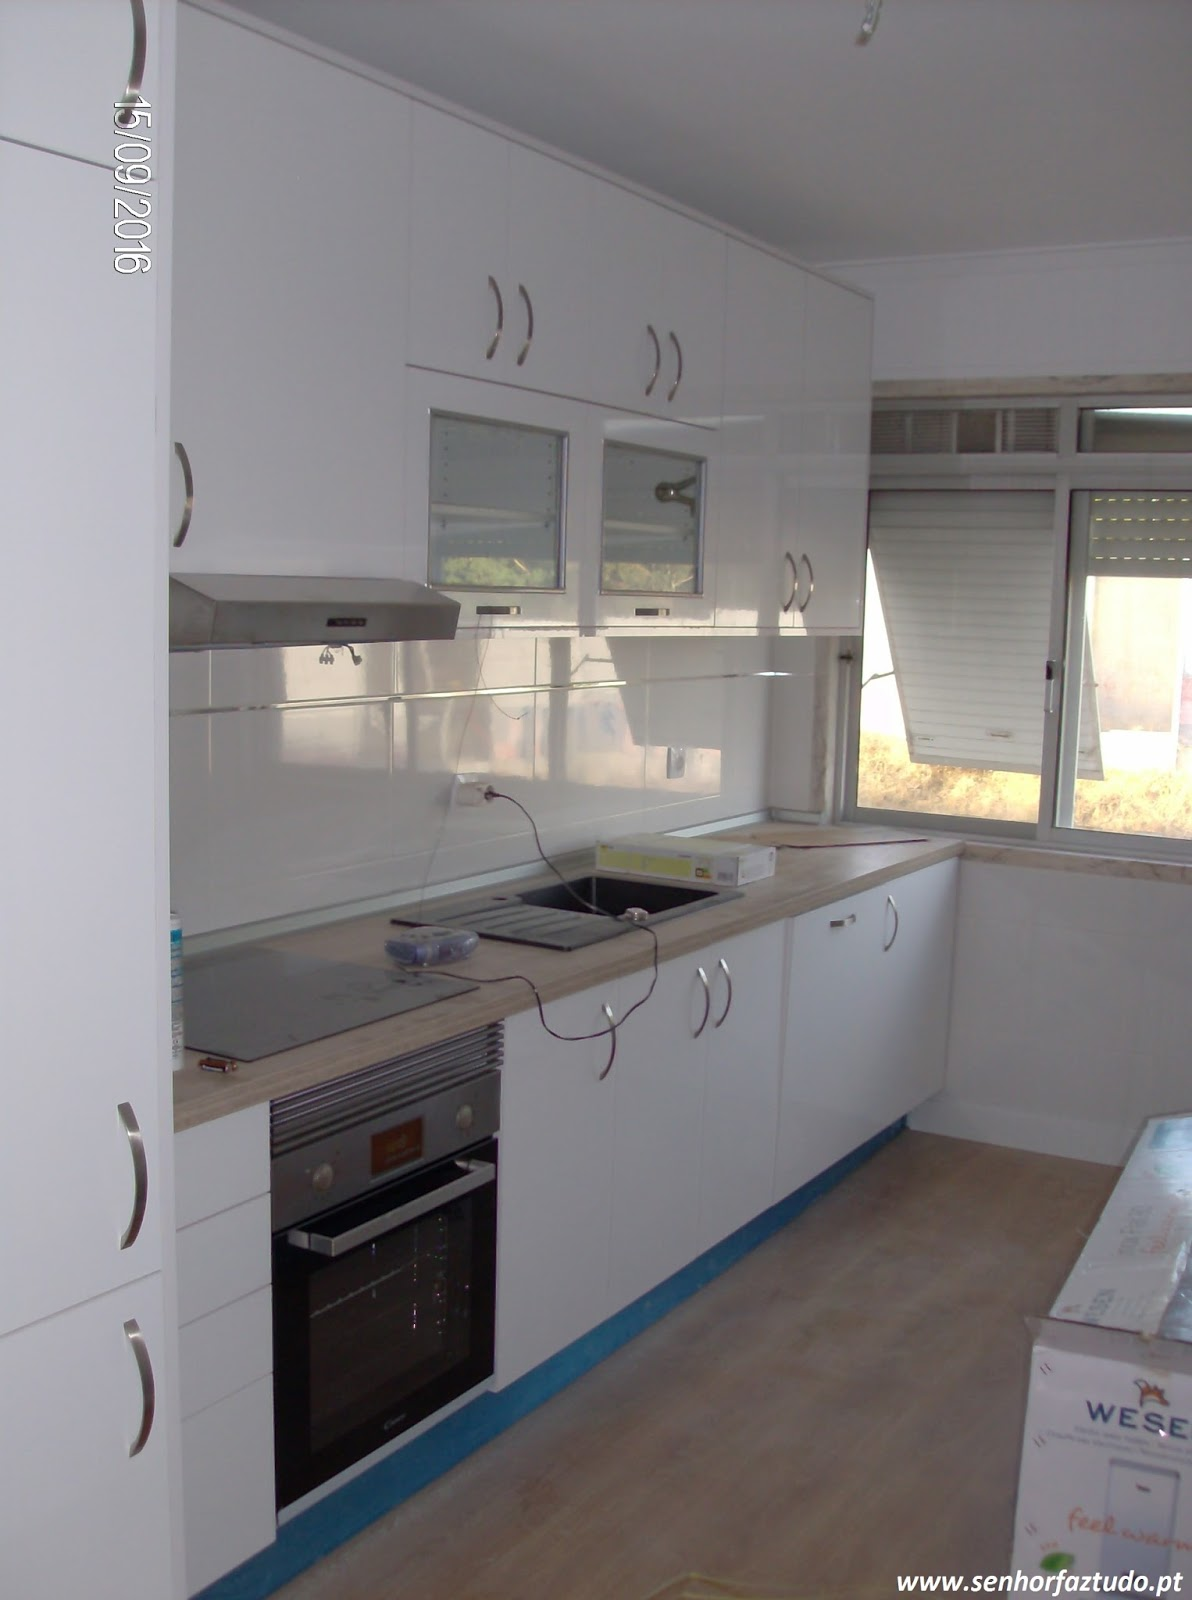 SENHOR FAZ TUDO Faz tudo pelo seu lar !®: Remodelação da cozinha  #30495C 1192 1600